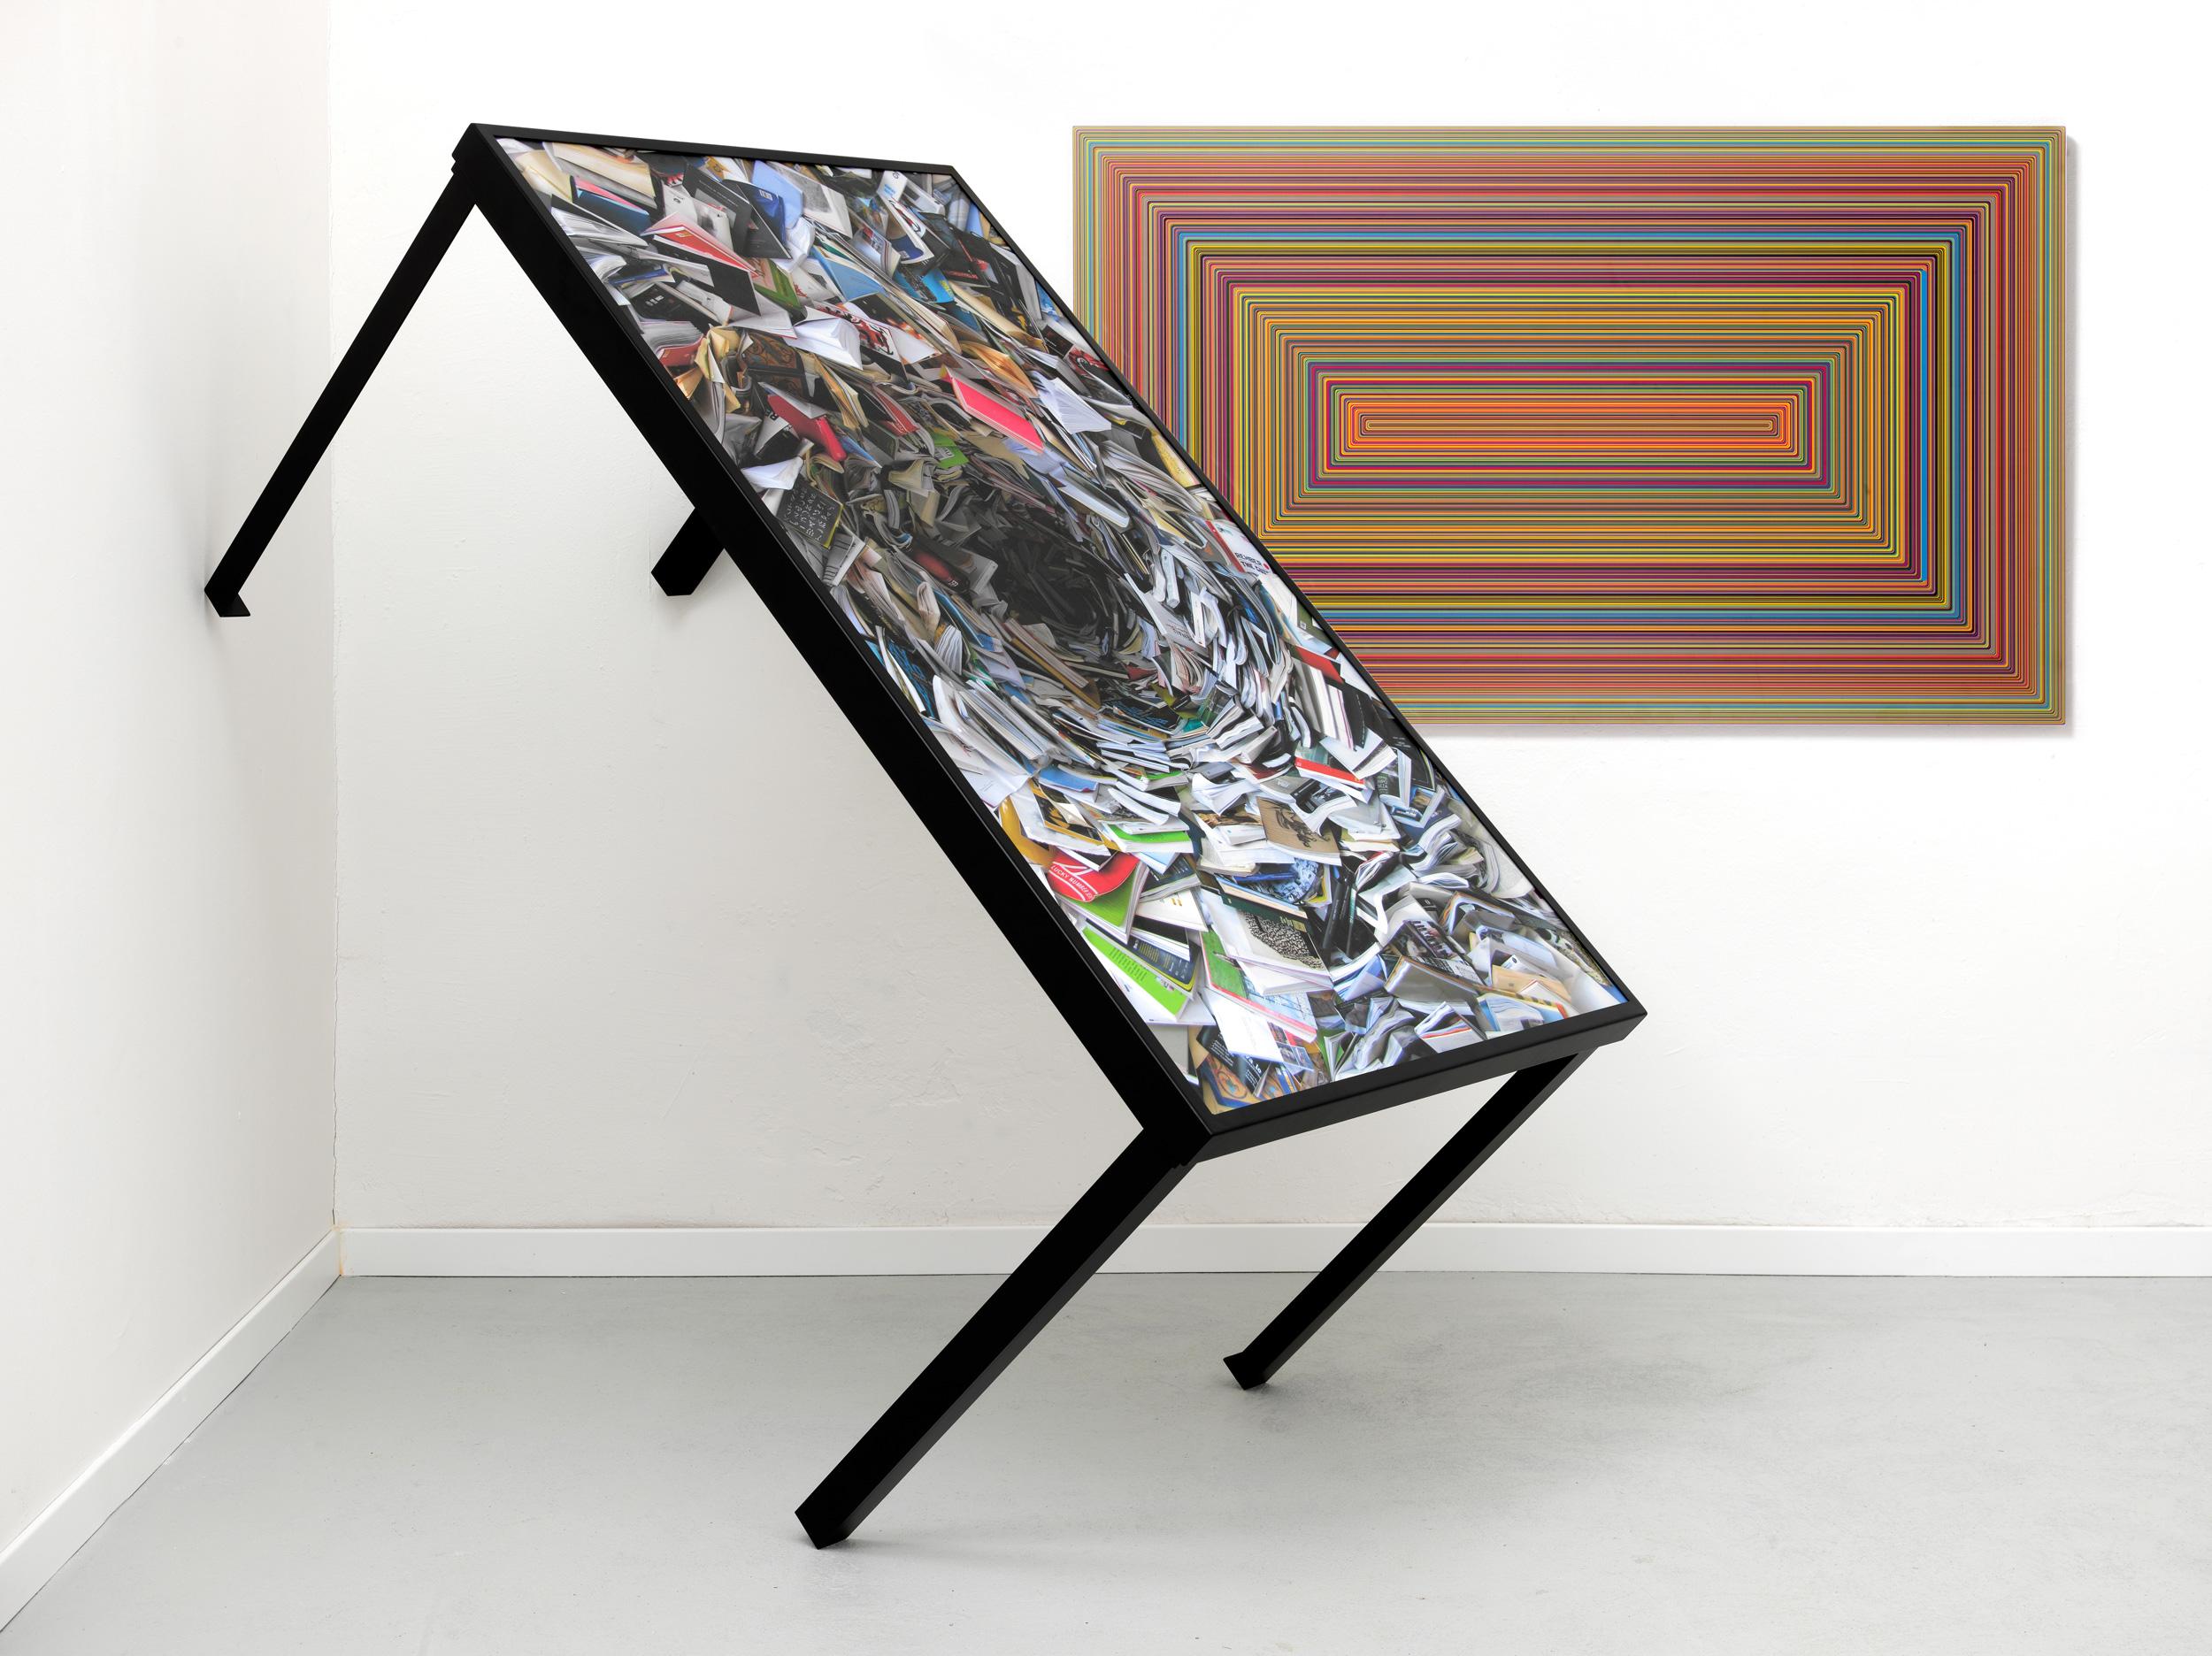 Необычный дизайн обеденного стола с живописью на столешнице от студии arcHITects